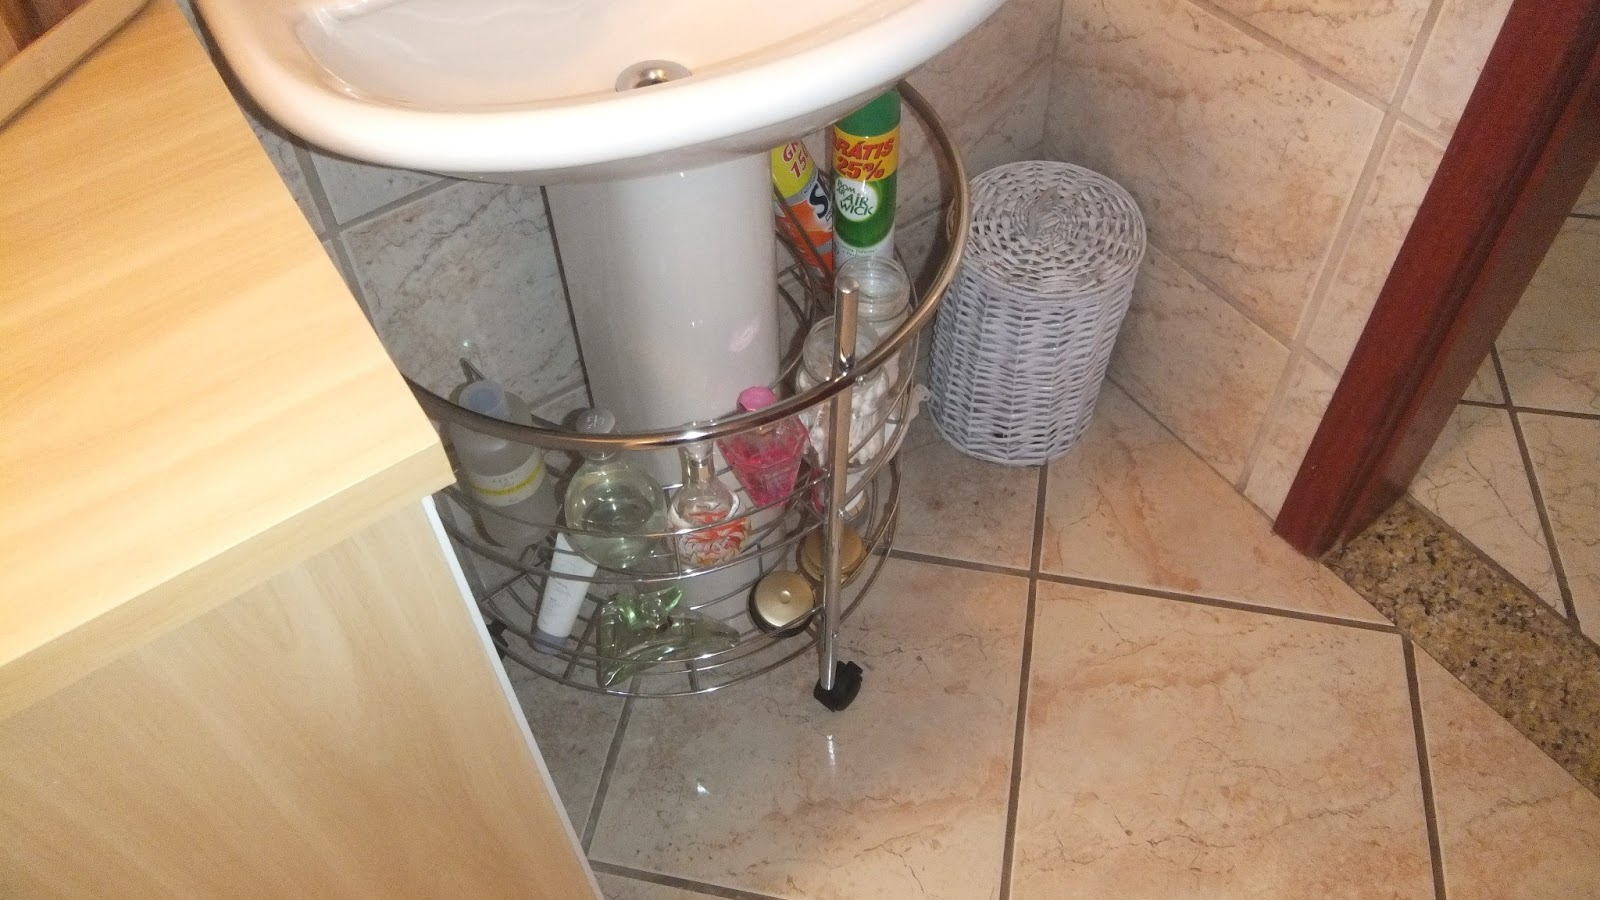 minha aliás amo também mimar o banheiro hehehehehehehehe #A37128 1600x900 Armario Banheiro Encaixe Coluna Pia